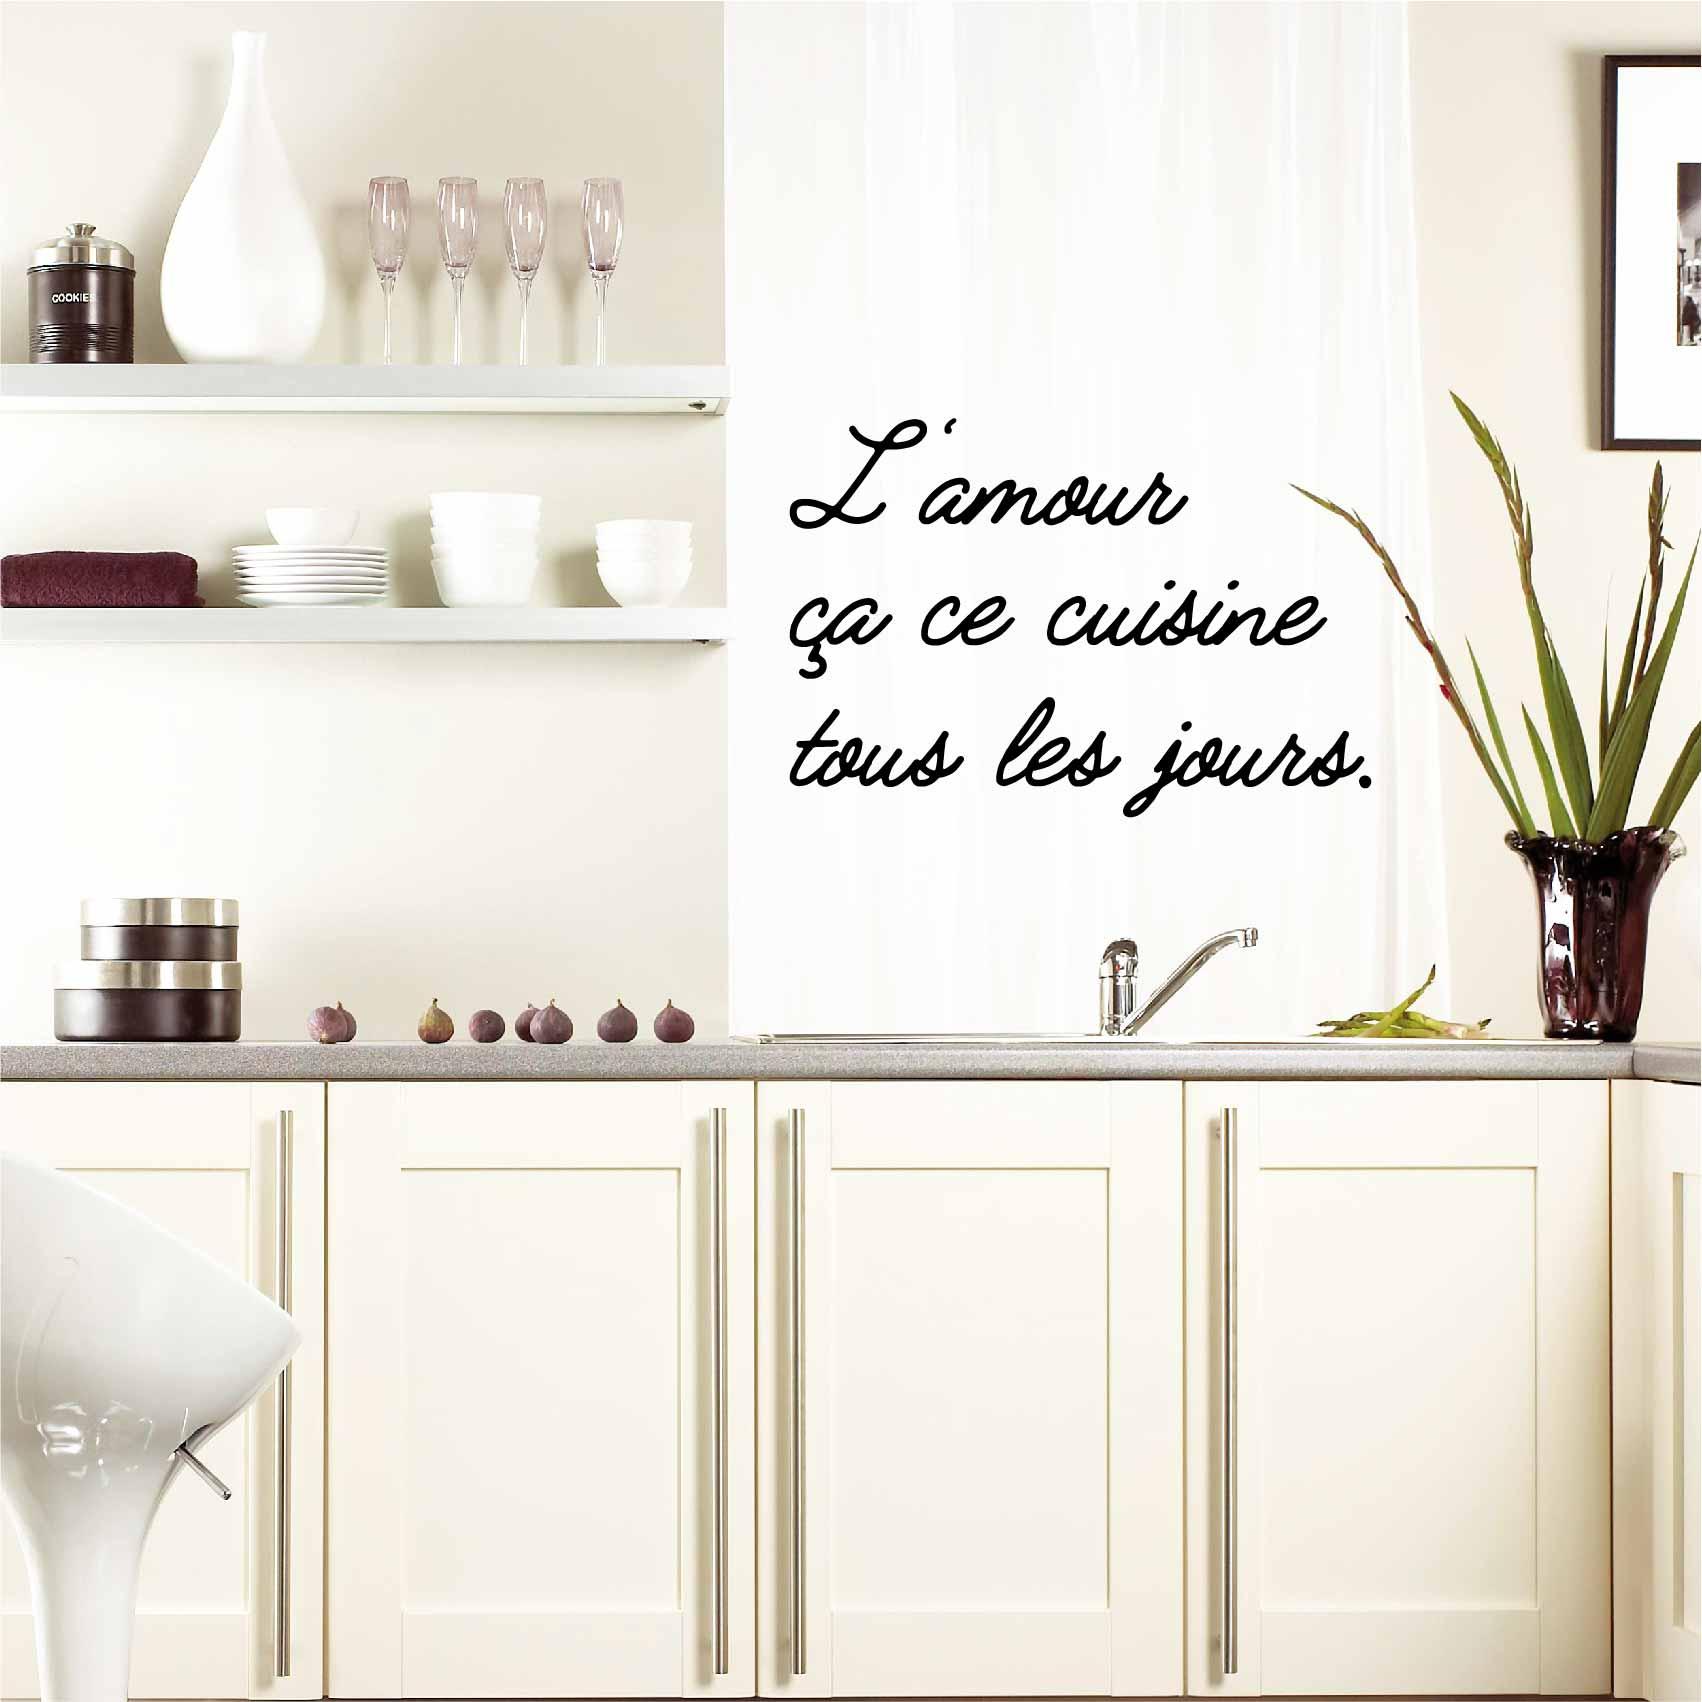 Stickers phrase amour cuisine - Autocollant muraux et deco